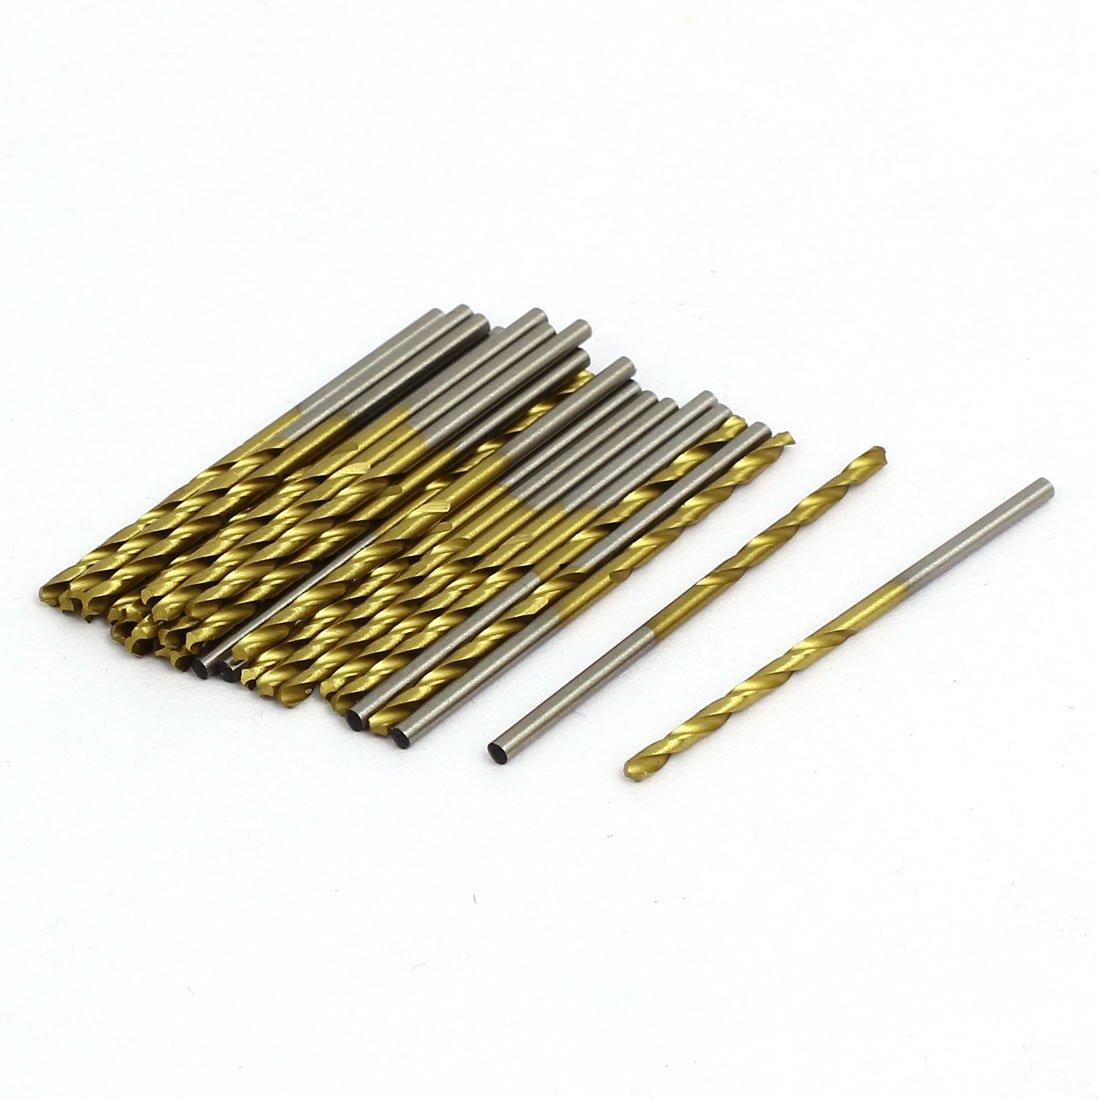 30 piezas 2 flautas broca chapada en titanio giratoria v/ástago recto model: N5164IVVIII-9616OS Aexit Broca de 1,7 mm de di/ámetro 43 mm de longitud